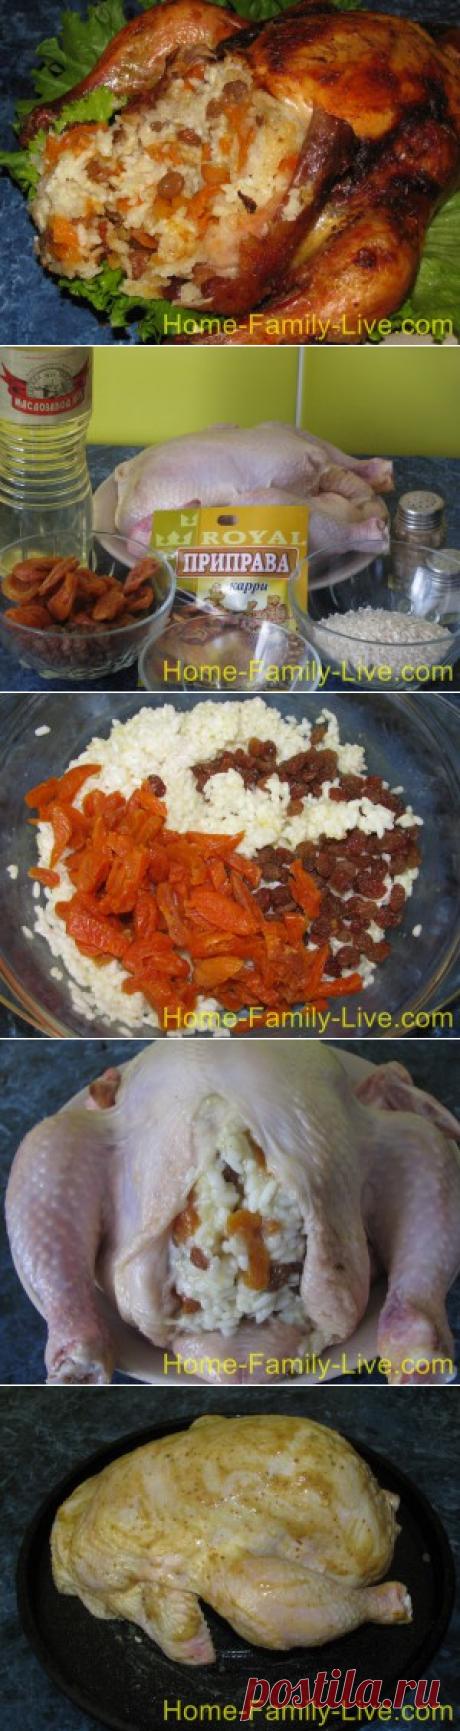 Курица фаршированная рисом с курагой/Сайт с пошаговыми рецептами с фото для тех кто любит готовить